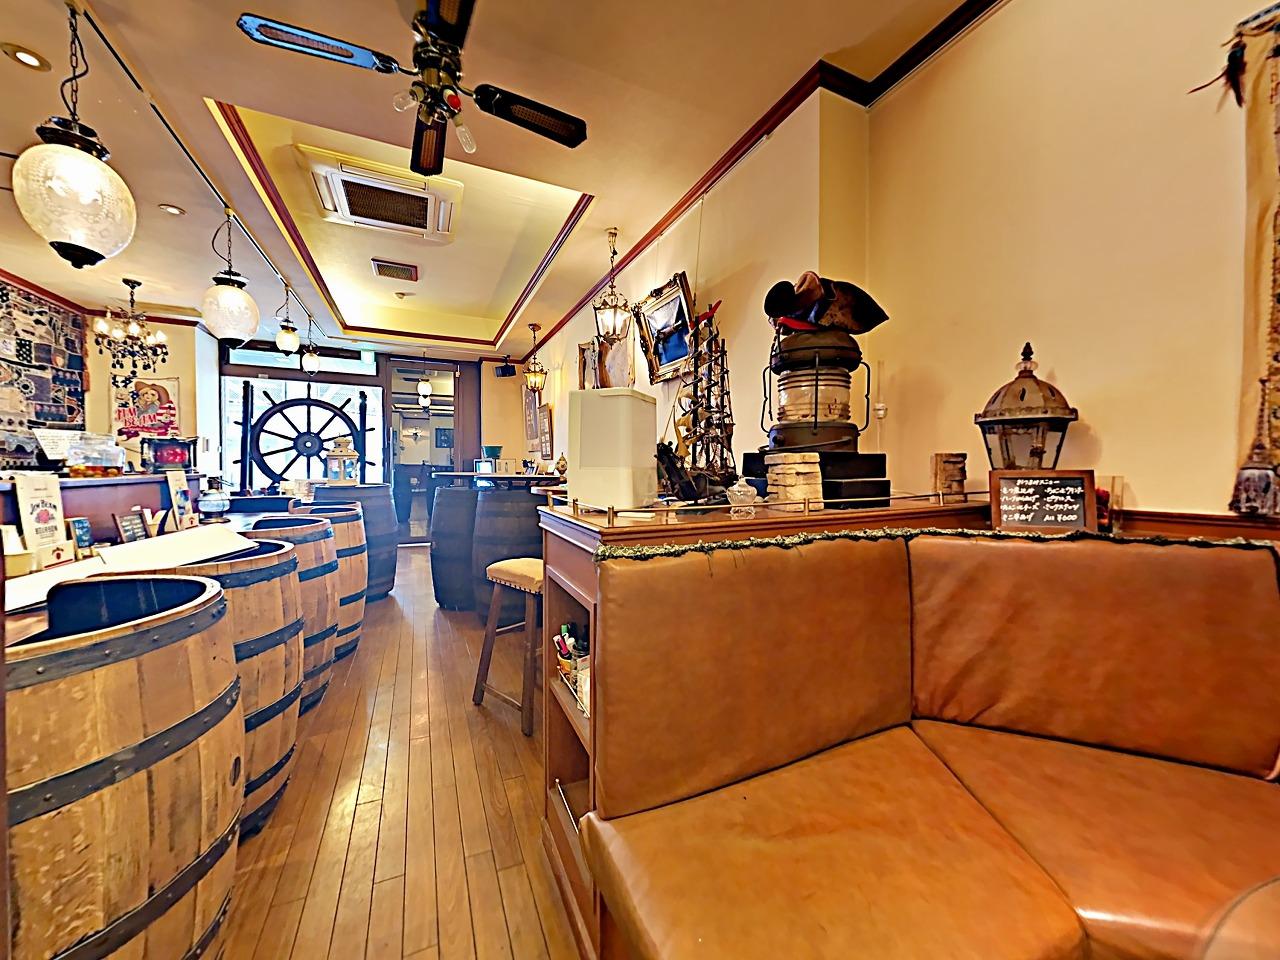 【元町・中華街】こだわりのイタリア料理店『Taverna Luce(タベルナ ルーチェ)』を11月にOPENします。